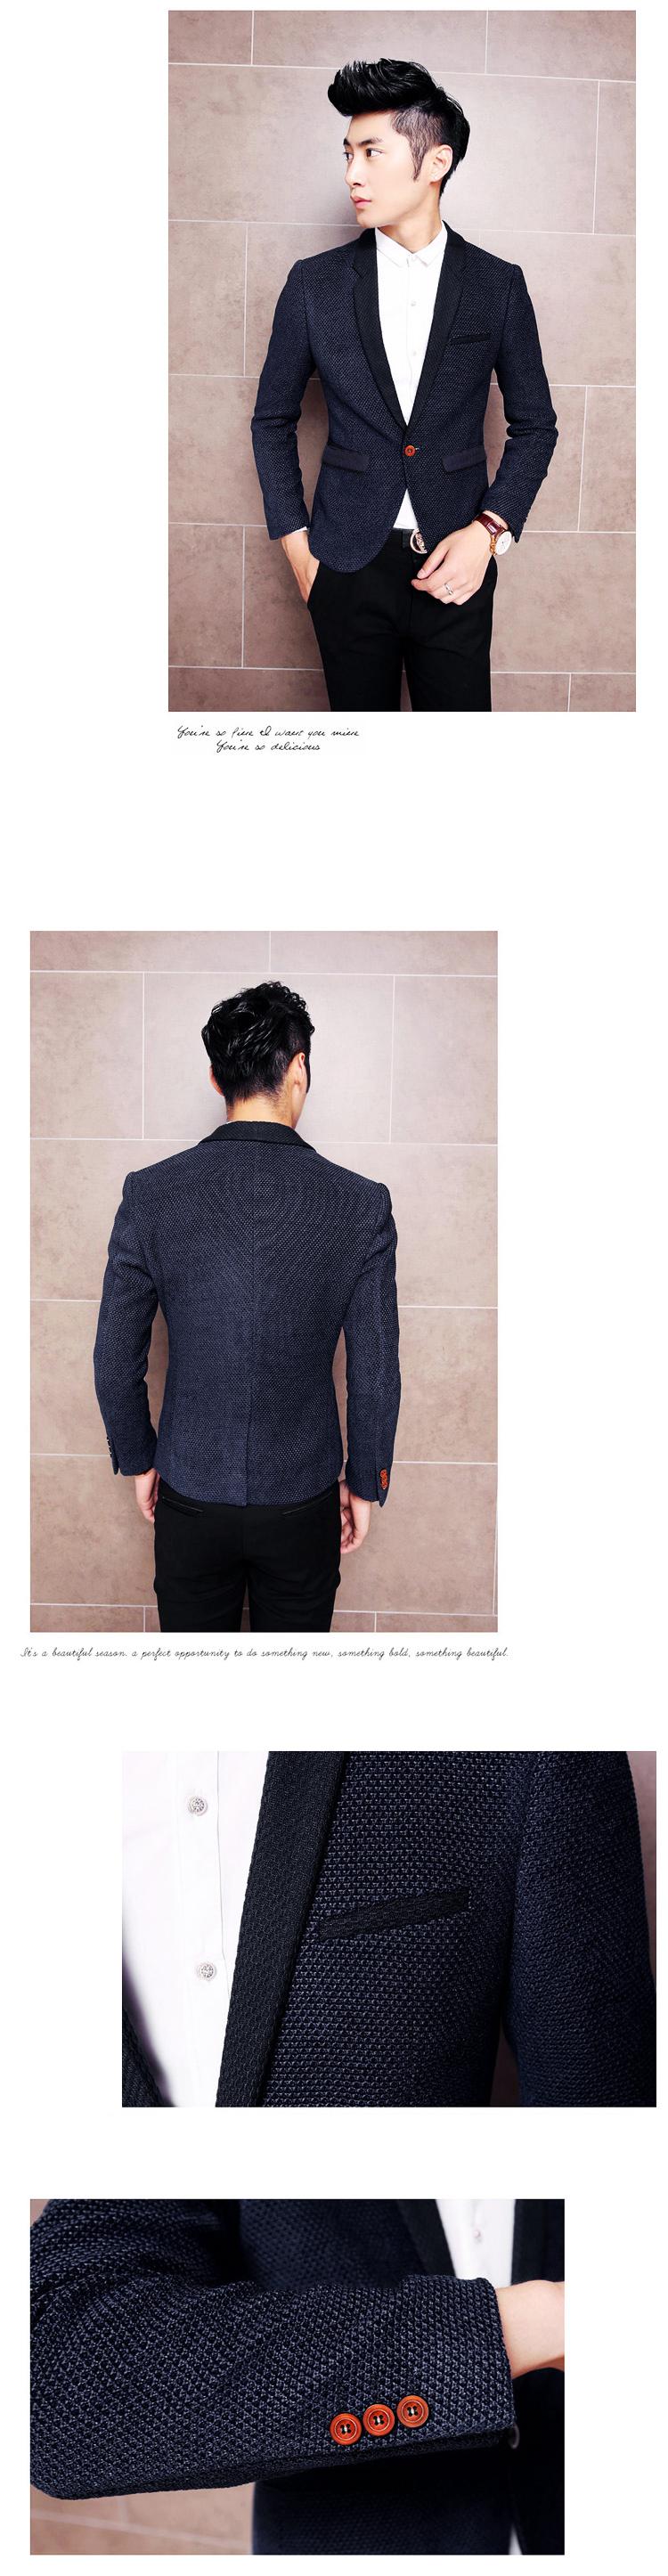 Áo vest cao cấp xanh đen av2l1025 - 1